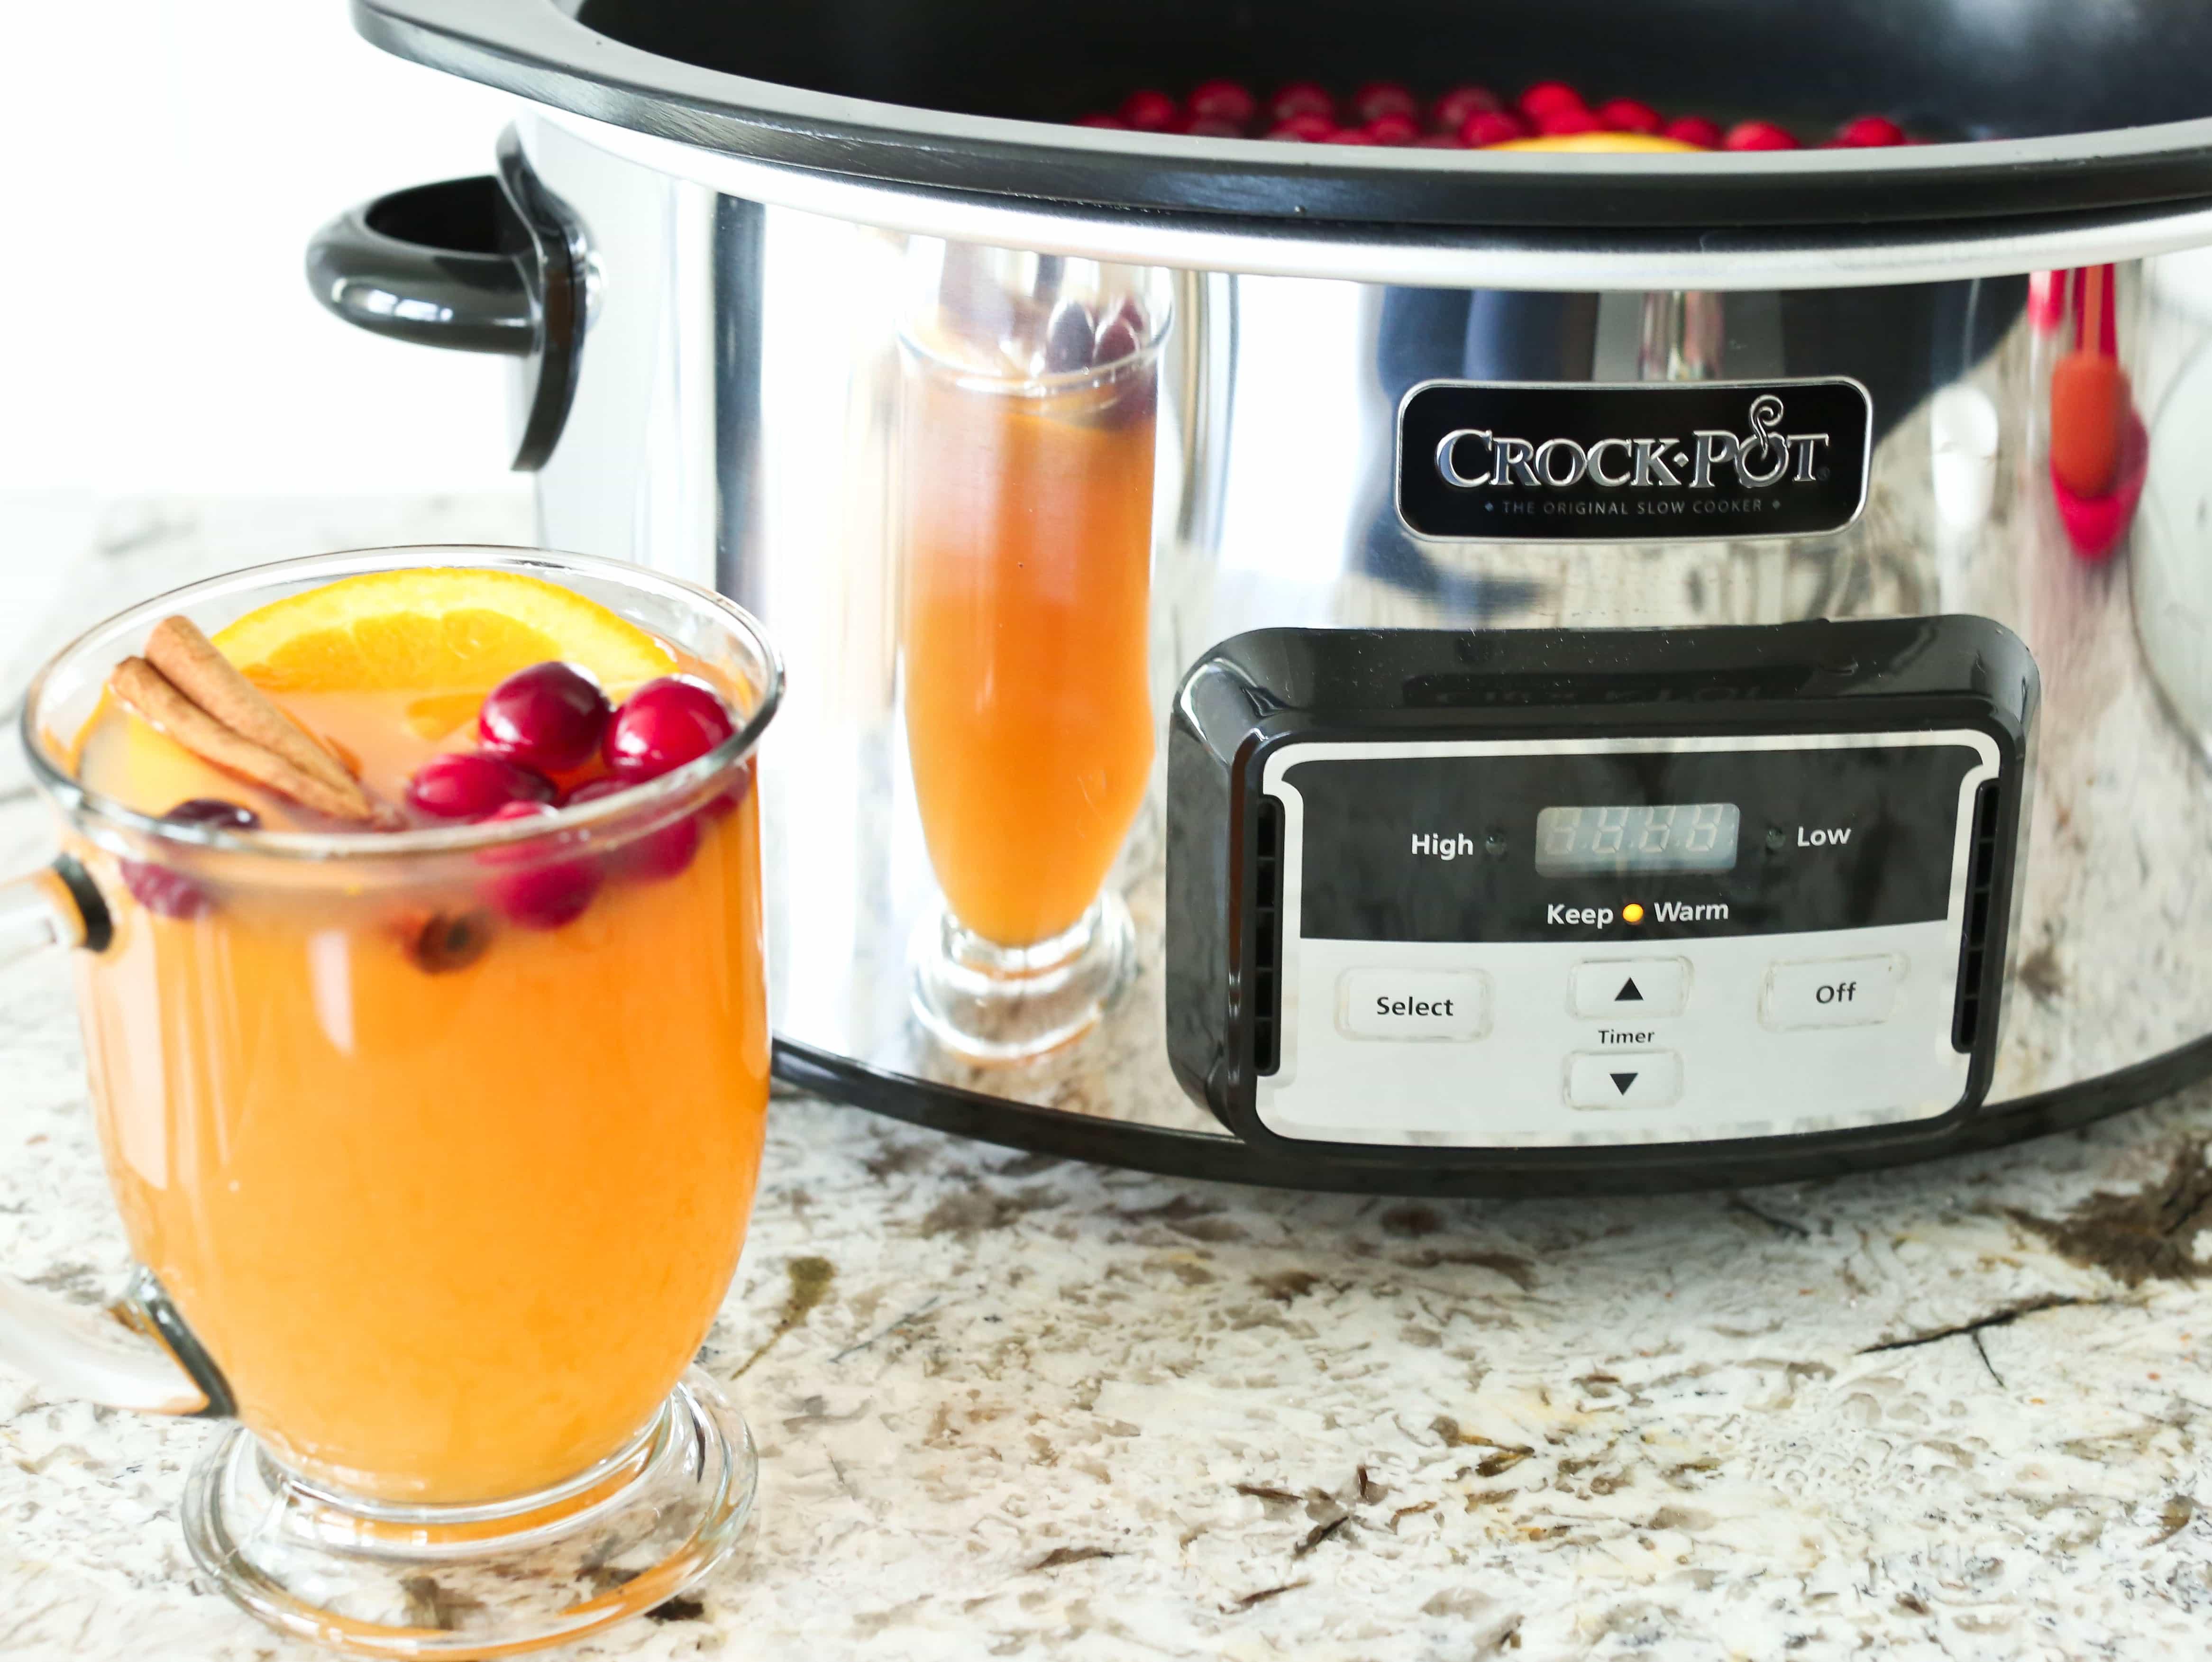 Mulled Hot Apple Cider Crockpot Slow Cooker